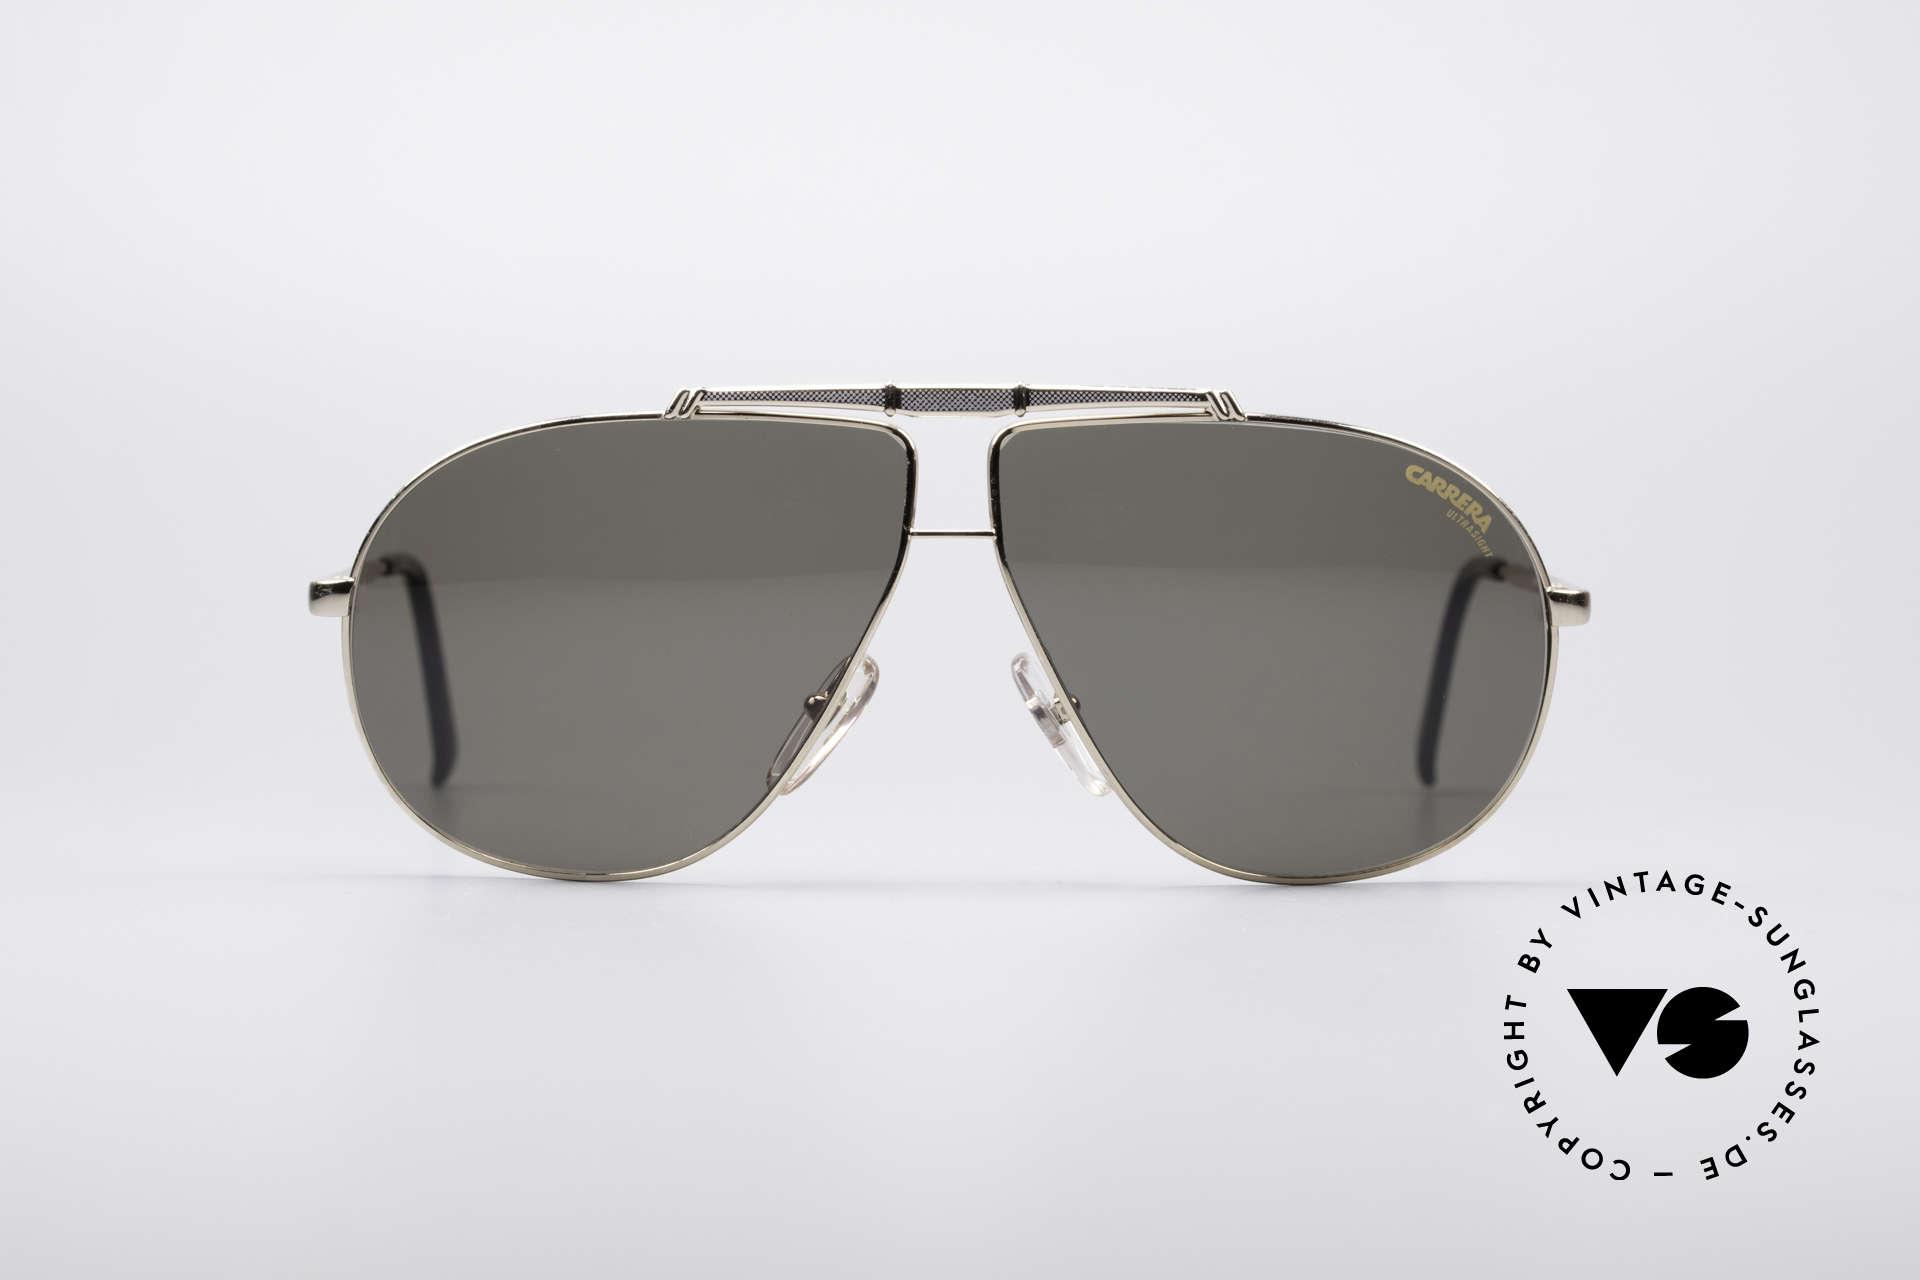 Carrera 5401 80er Pilotensonnenbrille, brilliante Gold-Lackierung mit Titanium-Oberbalken, Passend für Herren